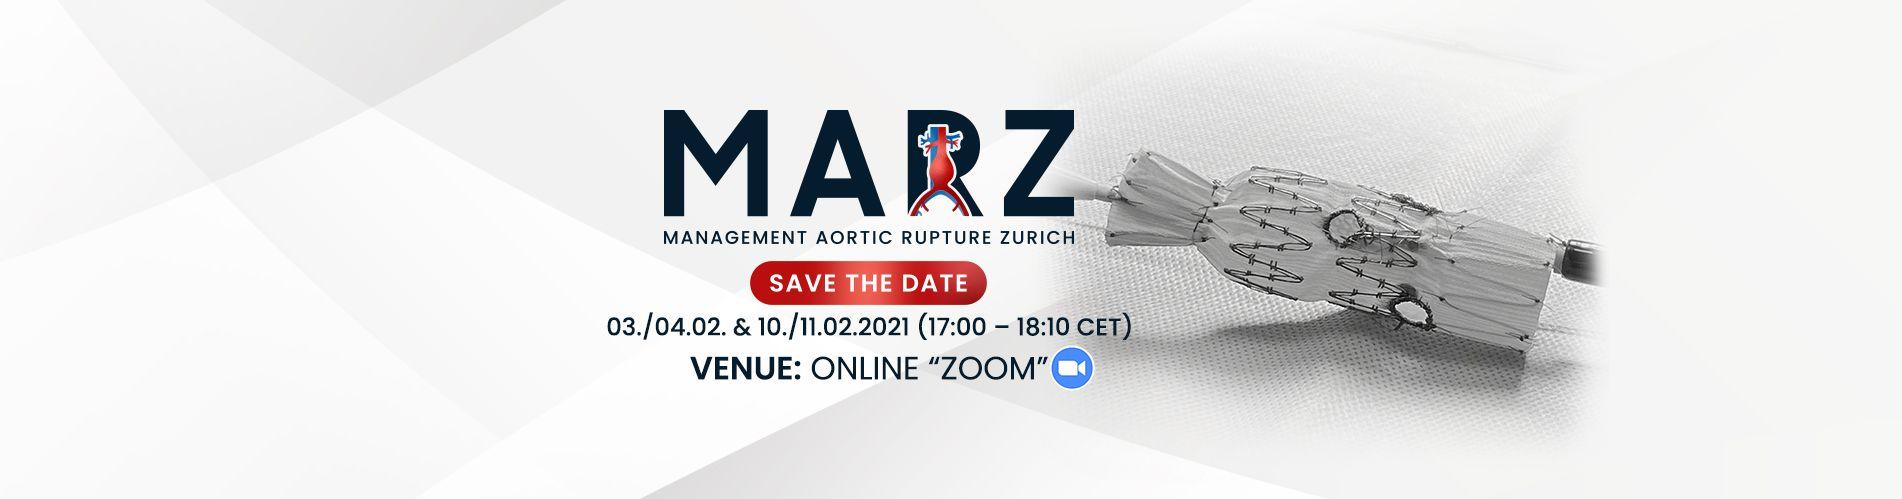 MARZ 2021 Banner